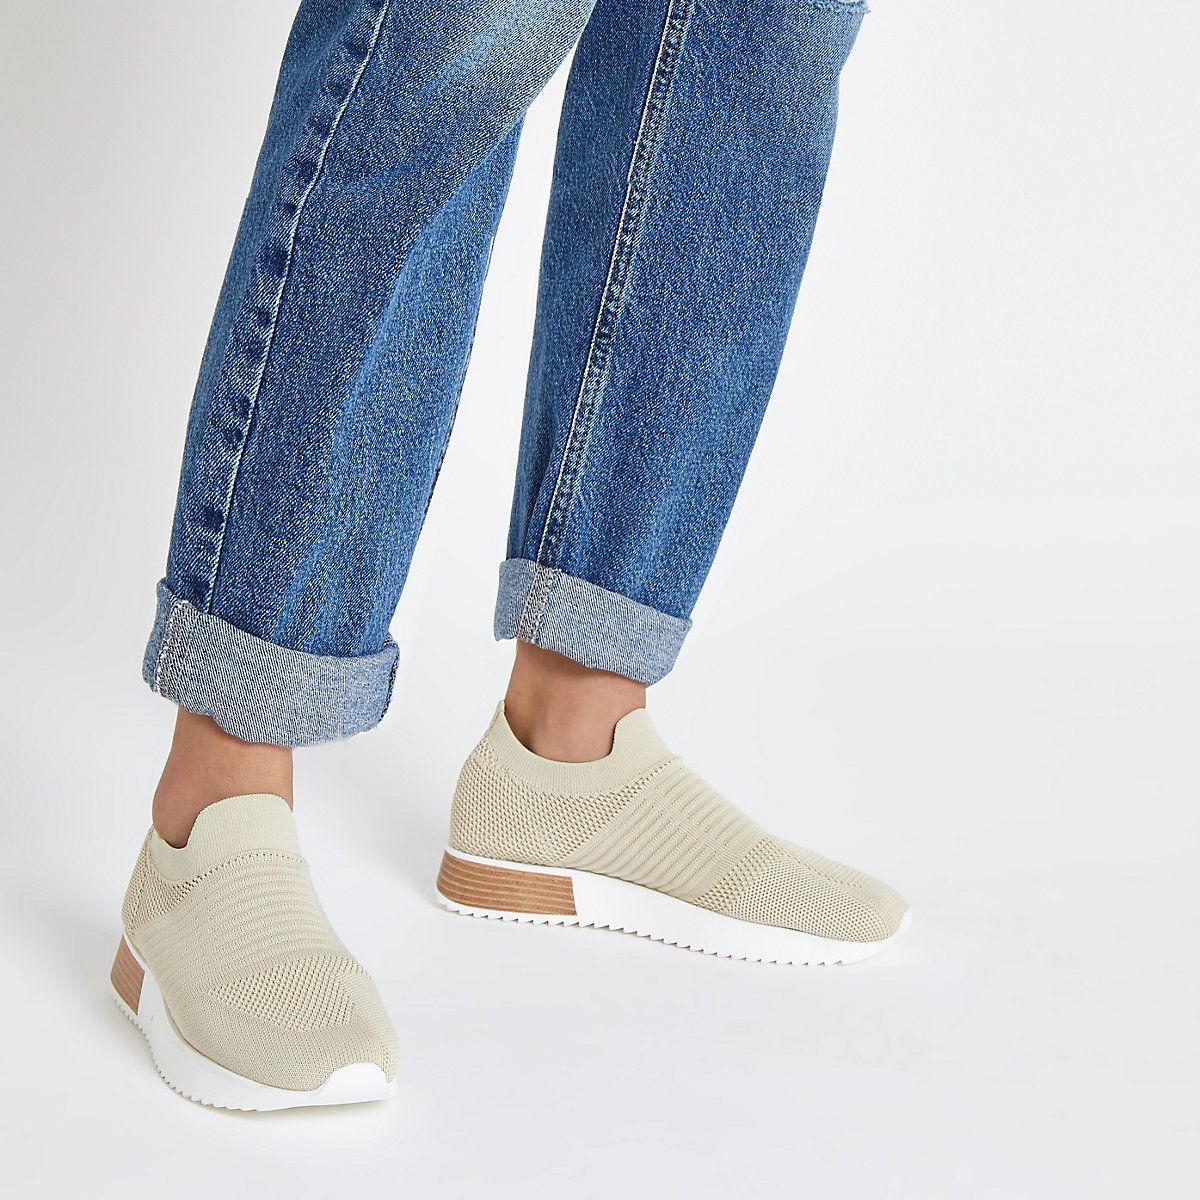 Boot shoes women, Shoe boots, Women shoes